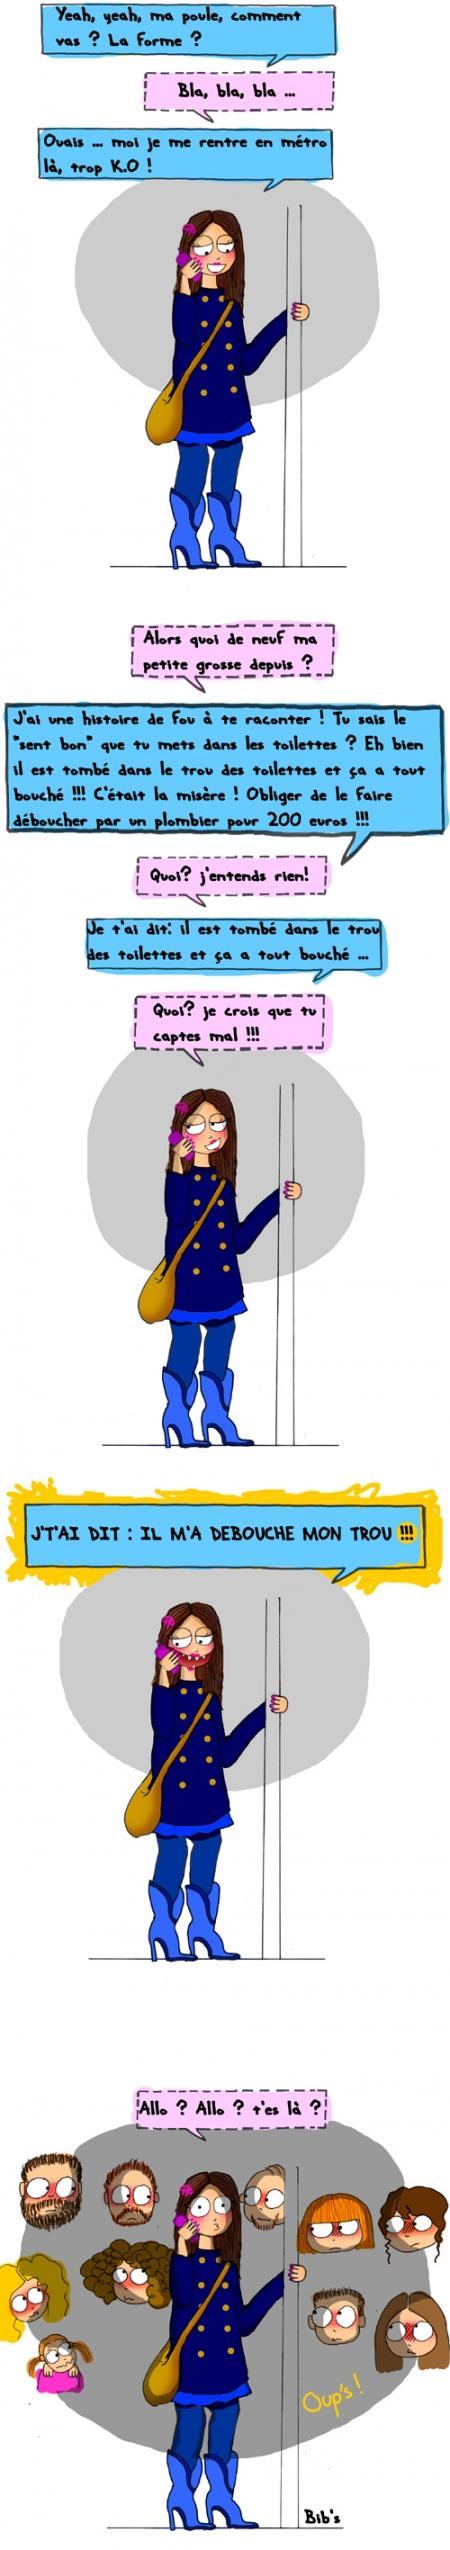 Quoi? je crois que tu  captes mal !!! Dessin, bd, mode, société, girly, journal, intime, journal intime,  astuce, illustration, graphisme, paris, bibs, blog, rigolo, humour, fun, photo